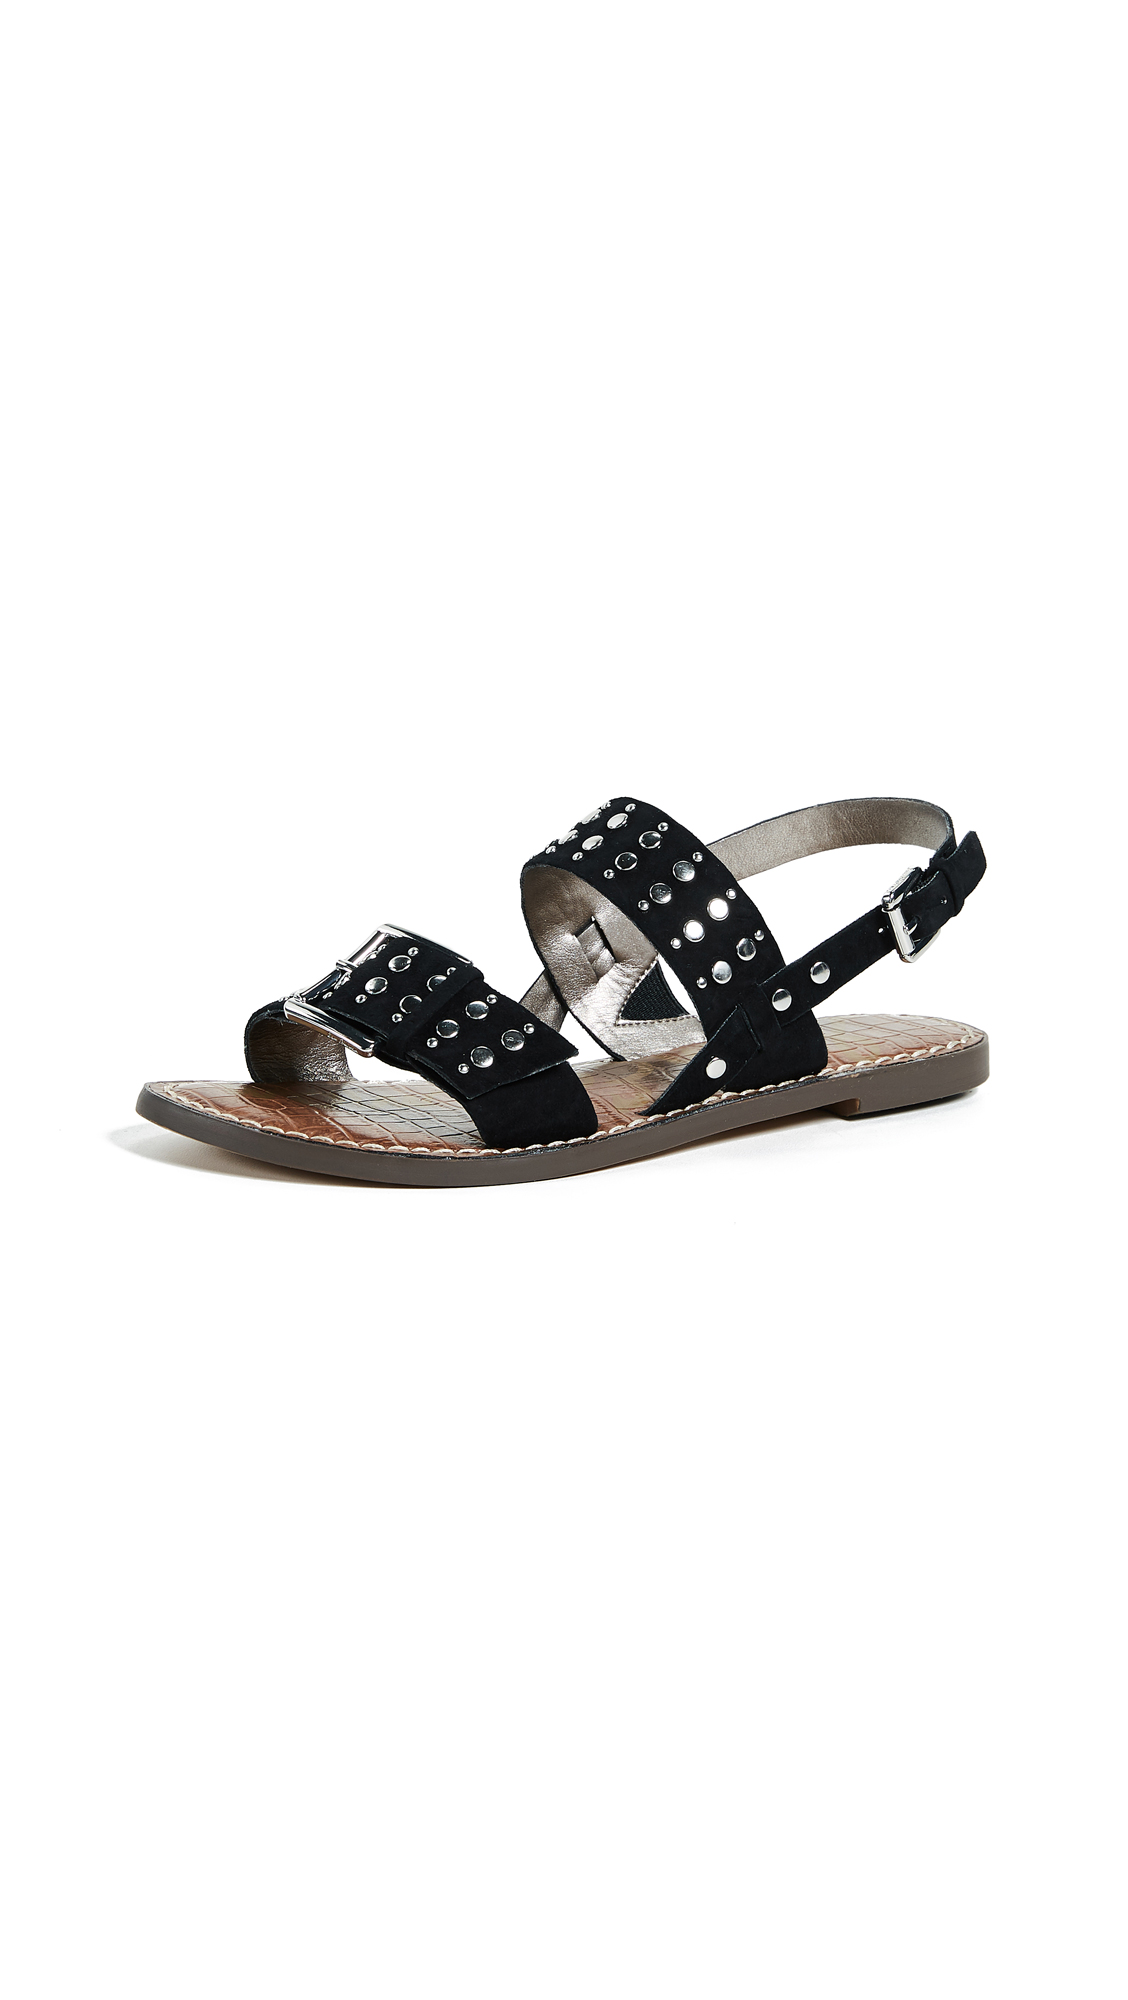 Sam Edelman Glade Sandals - Black